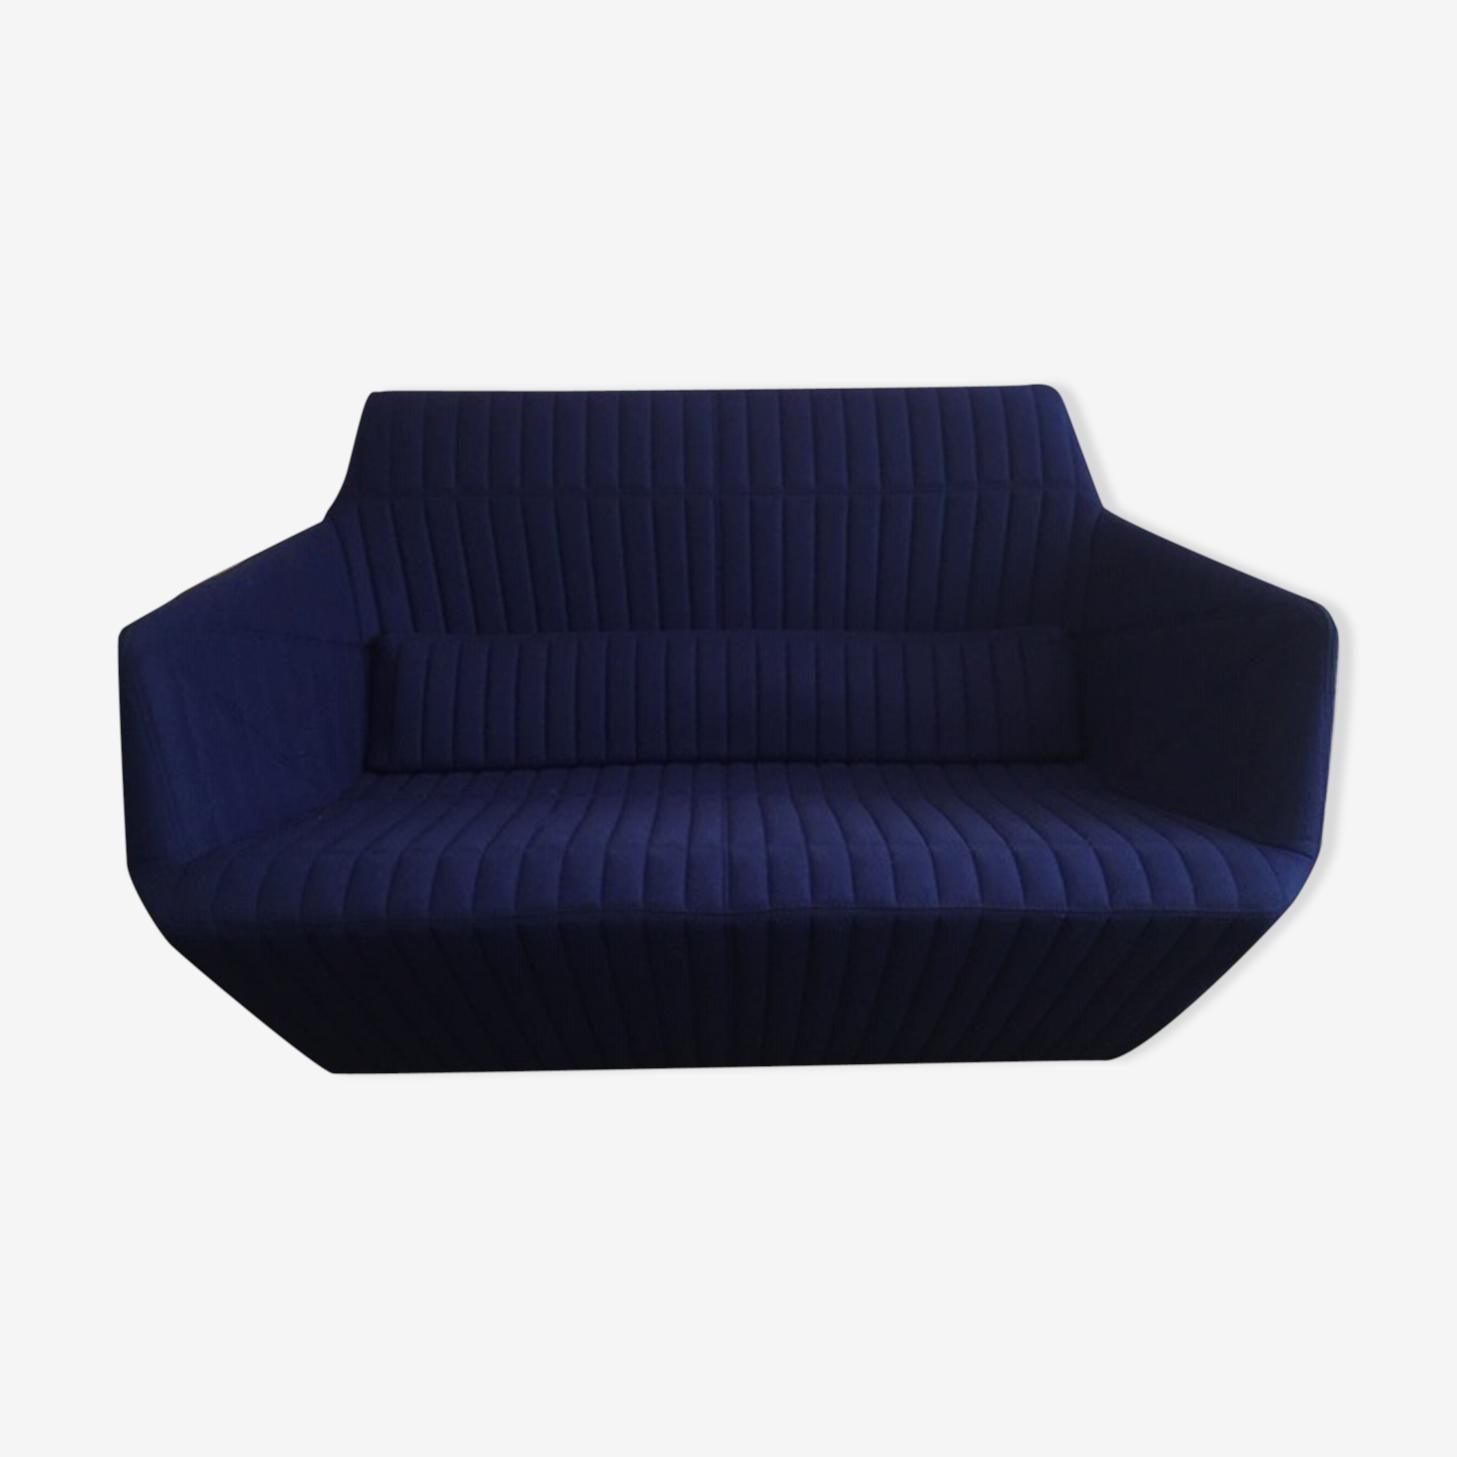 Bouroullec Facett sofa